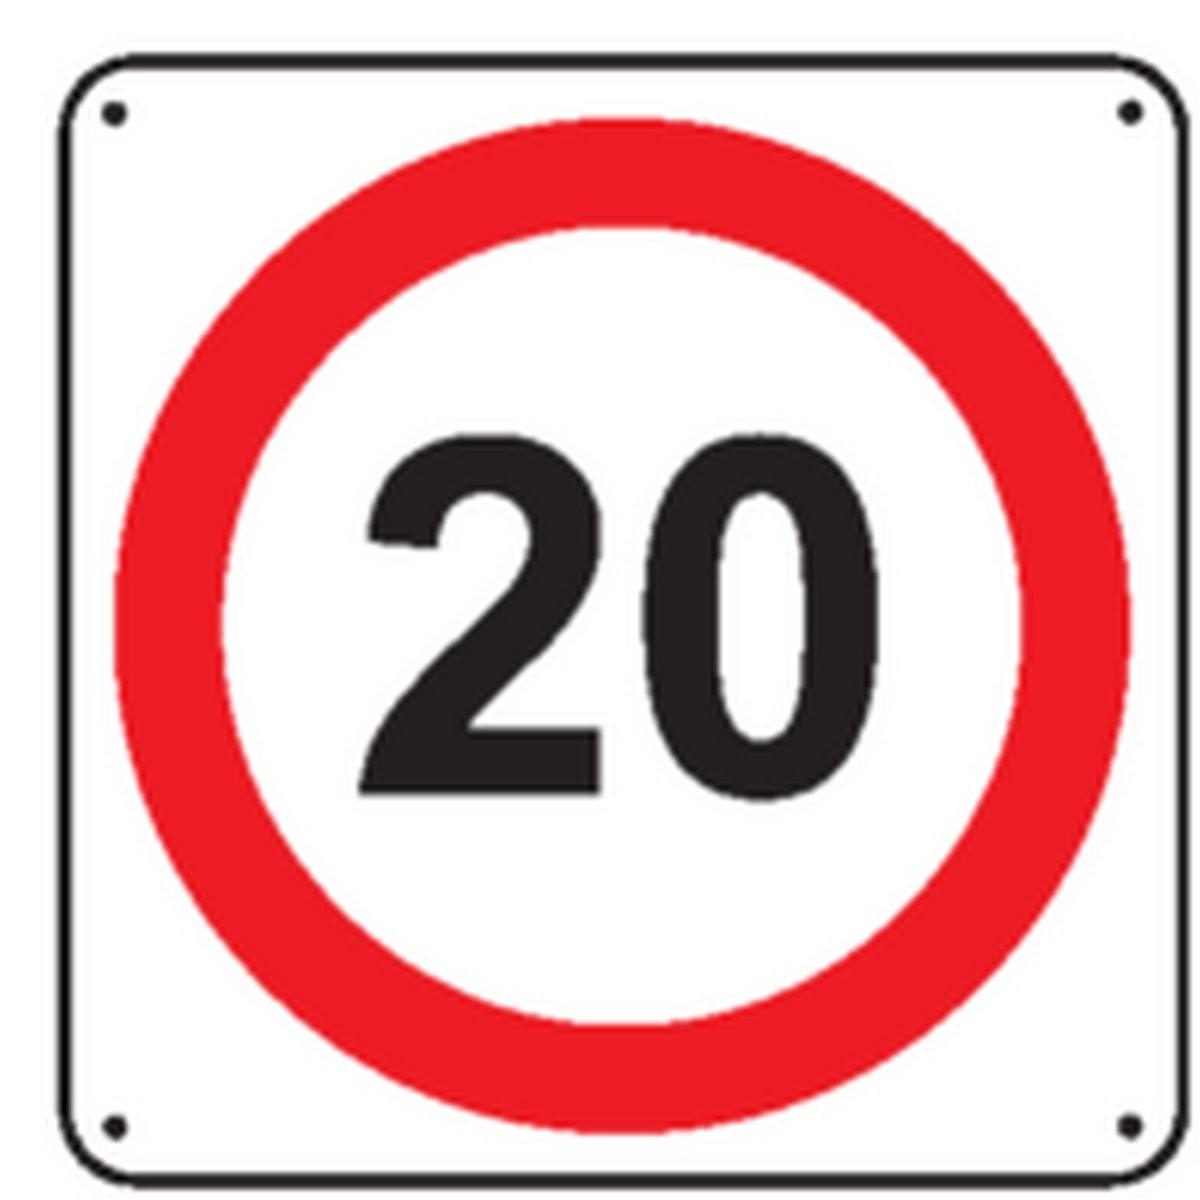 Panneau 20 Km/h